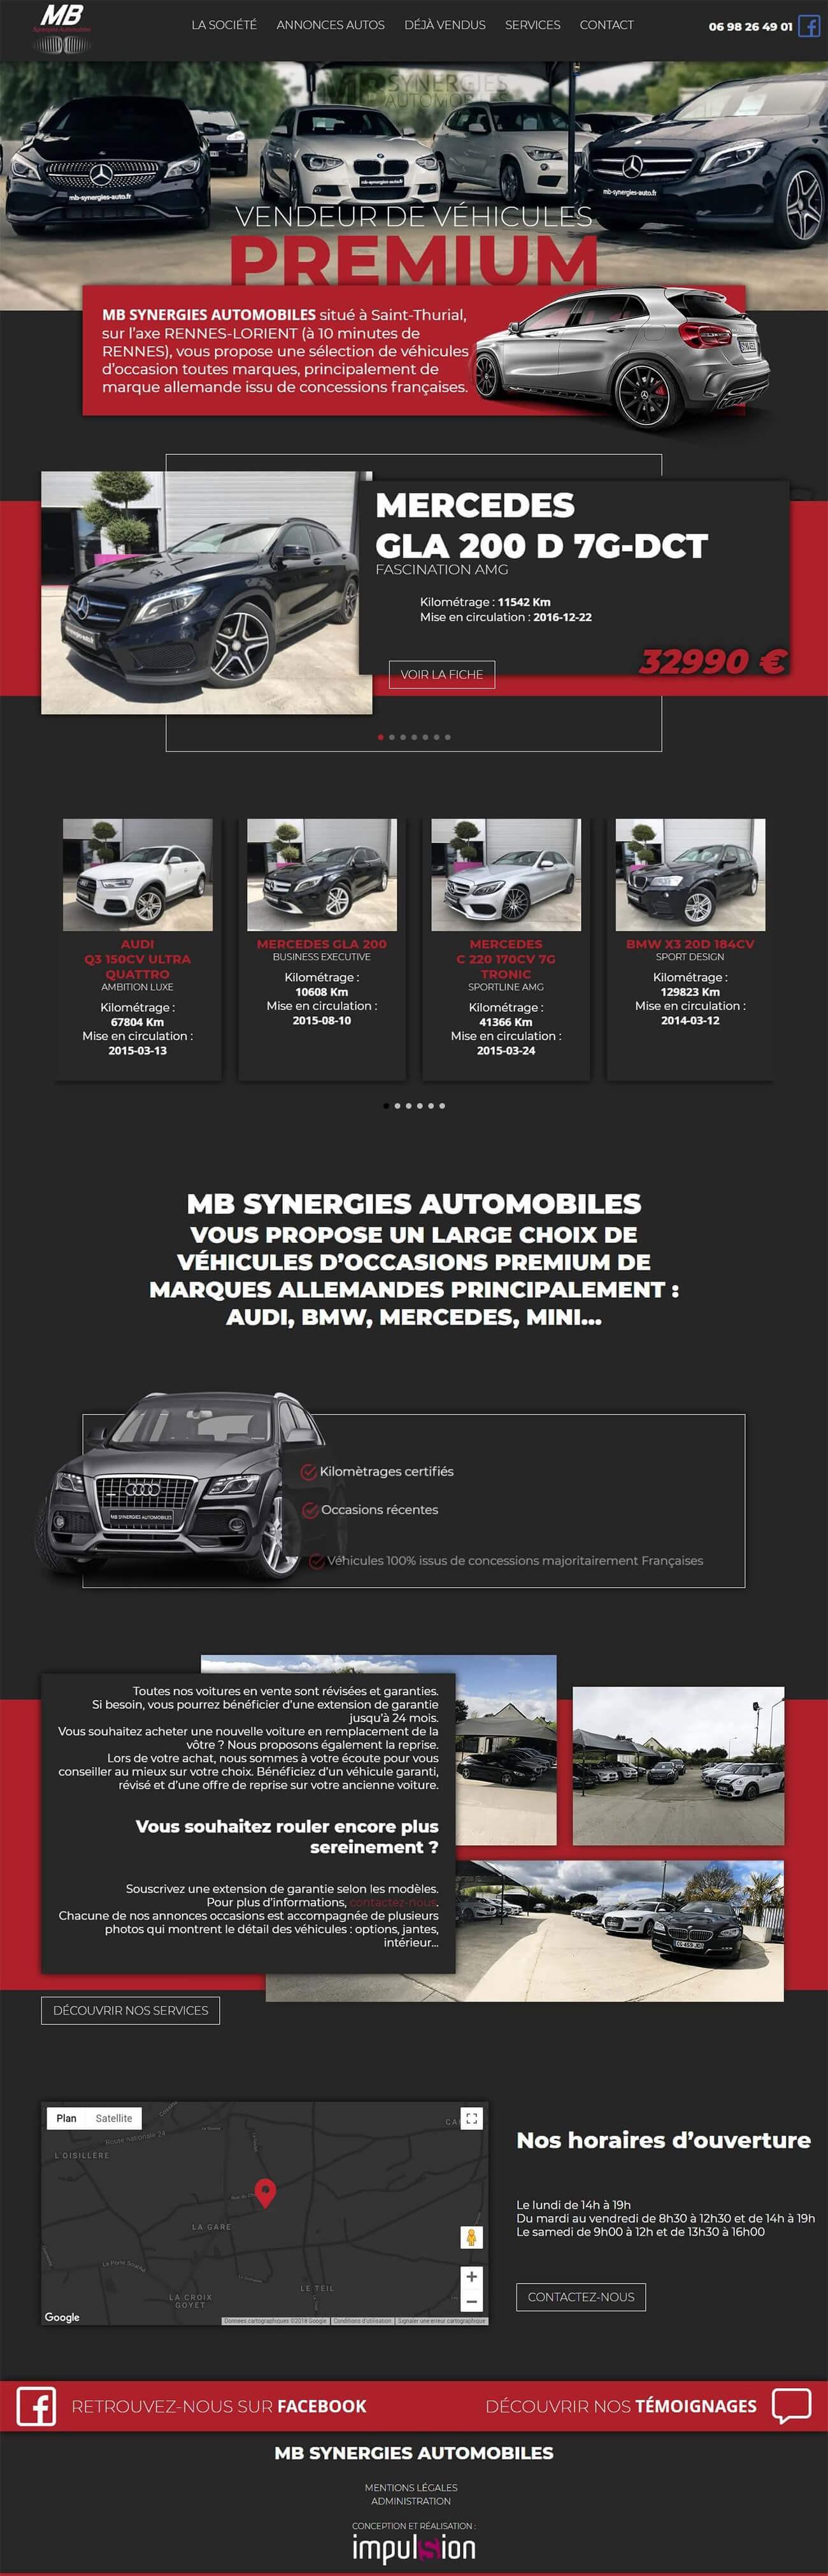 MB-Synergies-Automobiles--Vente-de-véhicules-à-Saint-Thurial.jpg